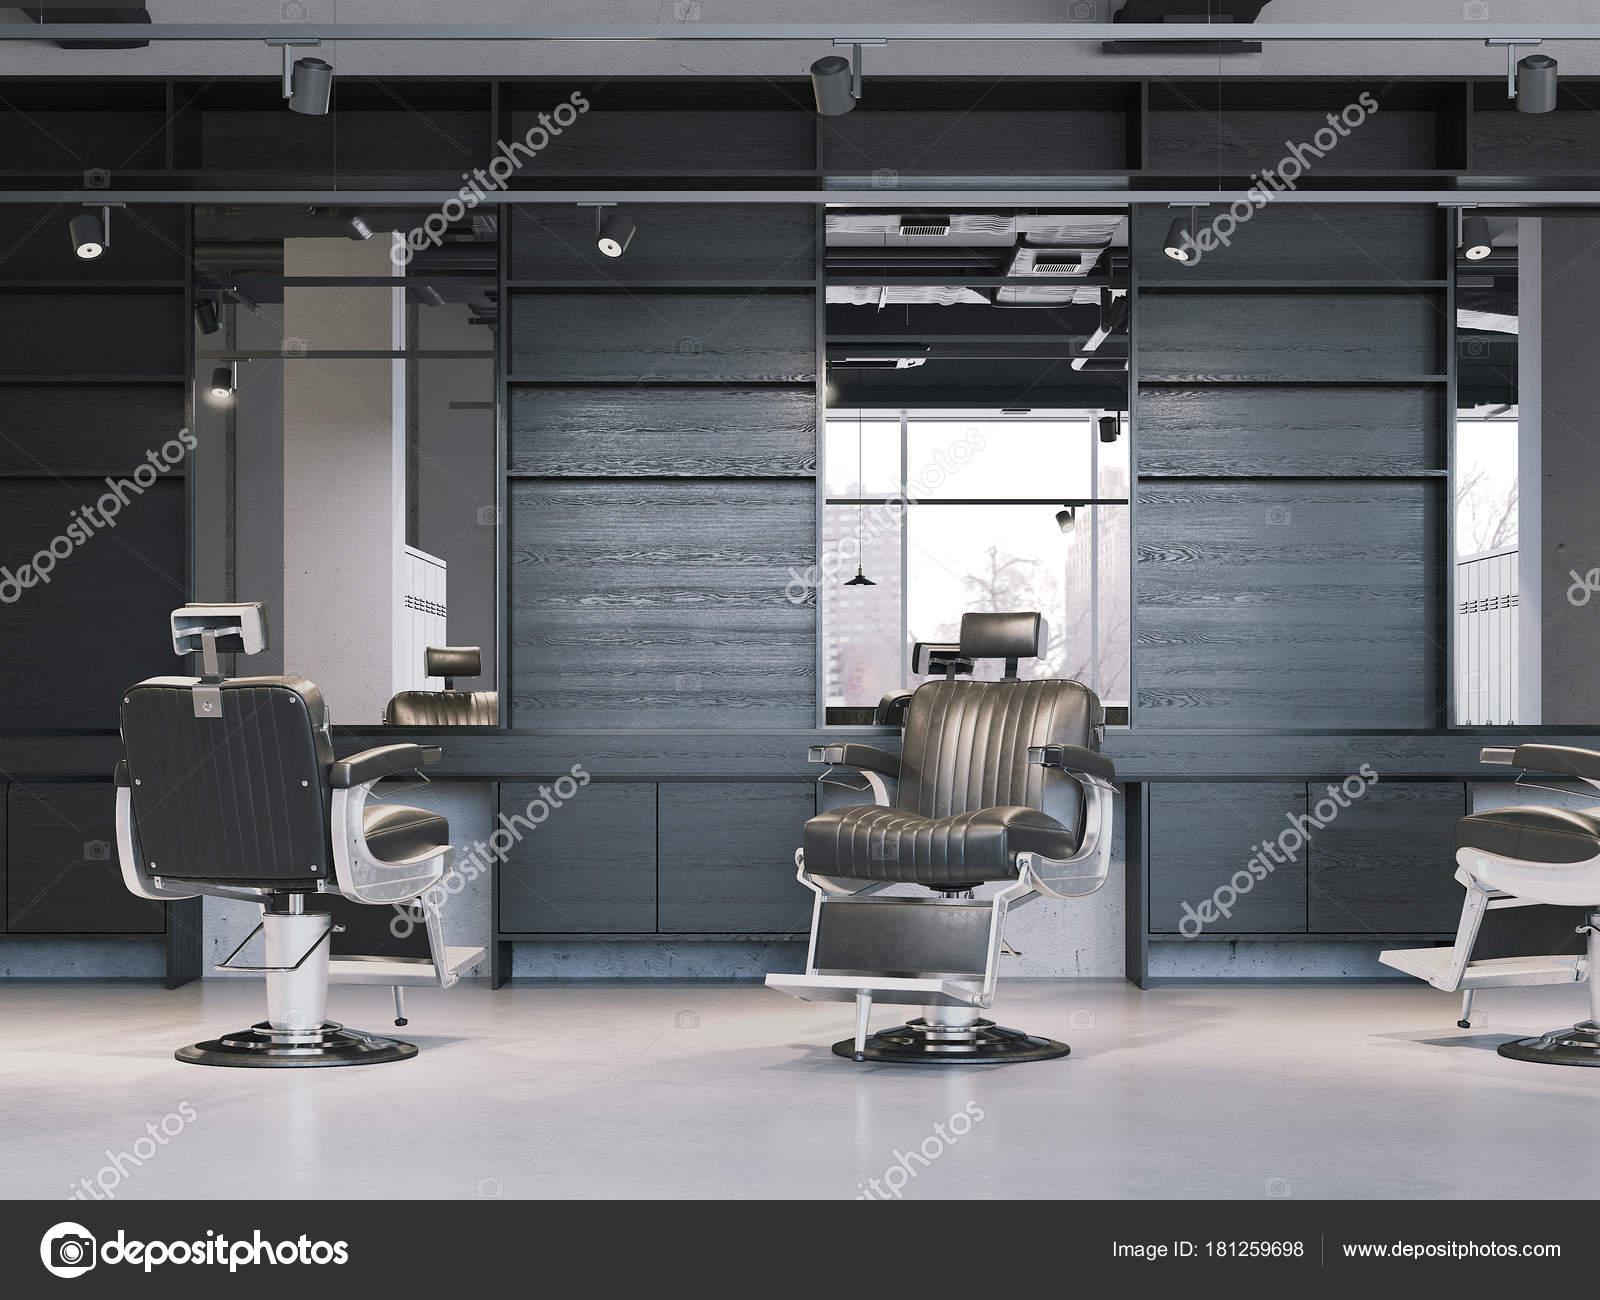 Décoration Salon De Coiffure Moderne Avec Des Chaises Noires. Rendu 3D U2014  Image De ...